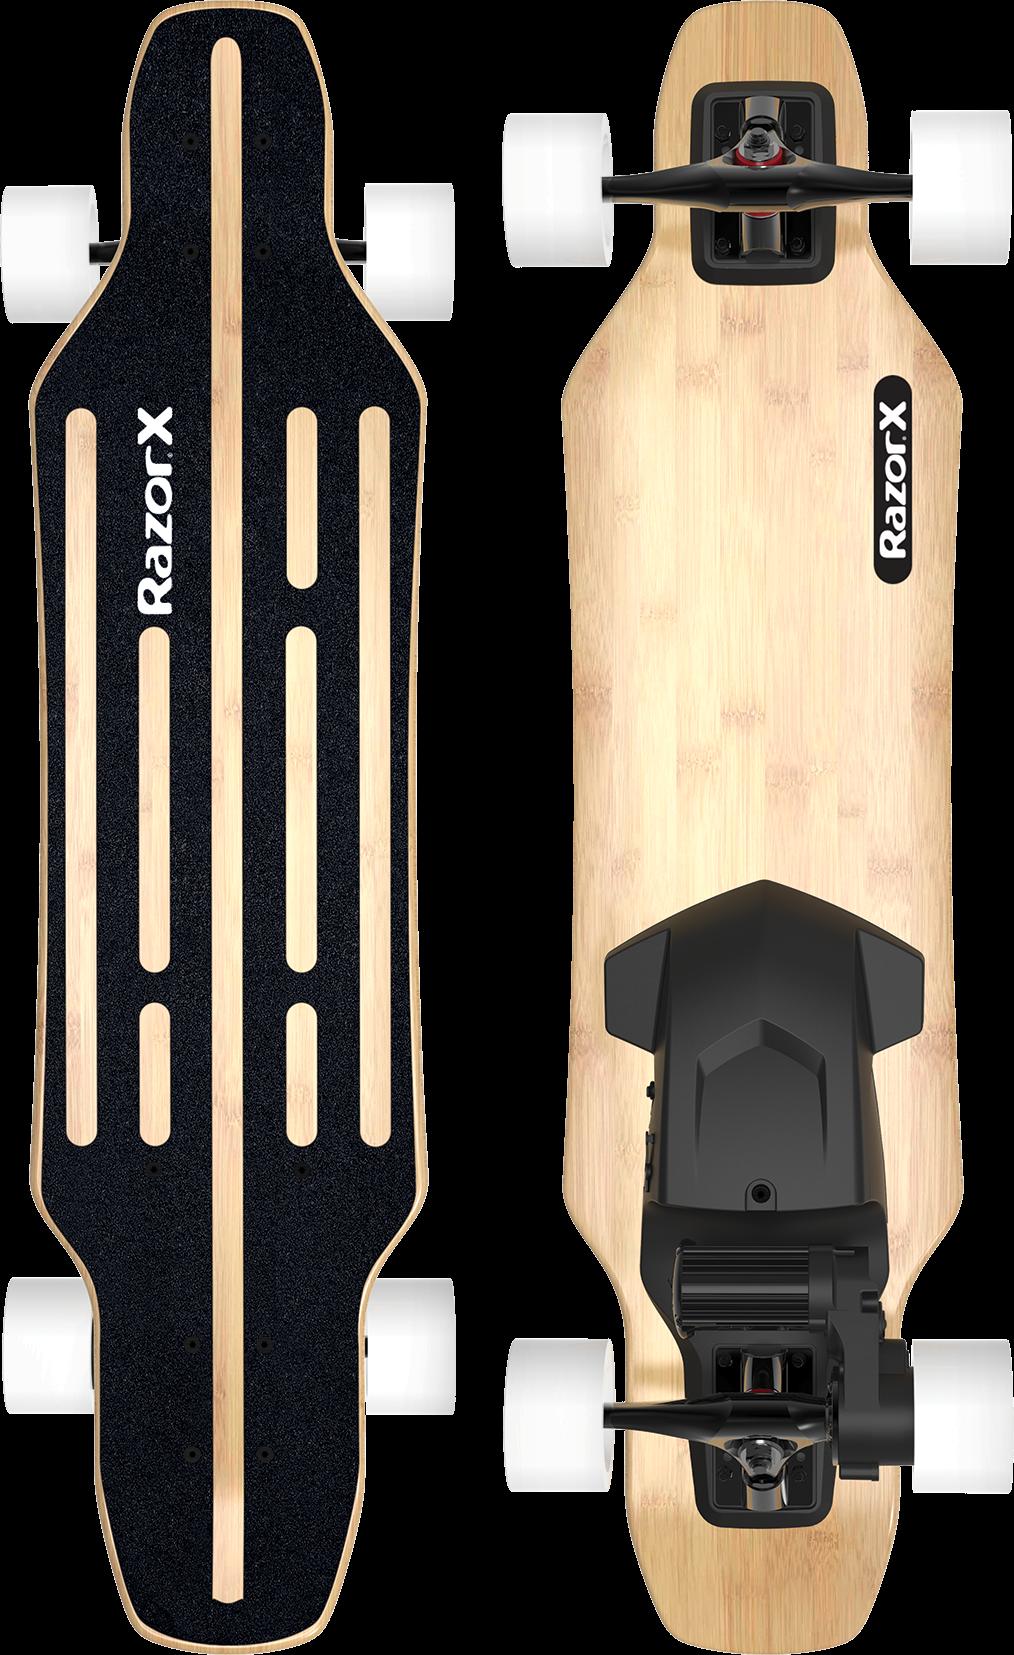 Razorx Longboard Electric Skateboard Razor